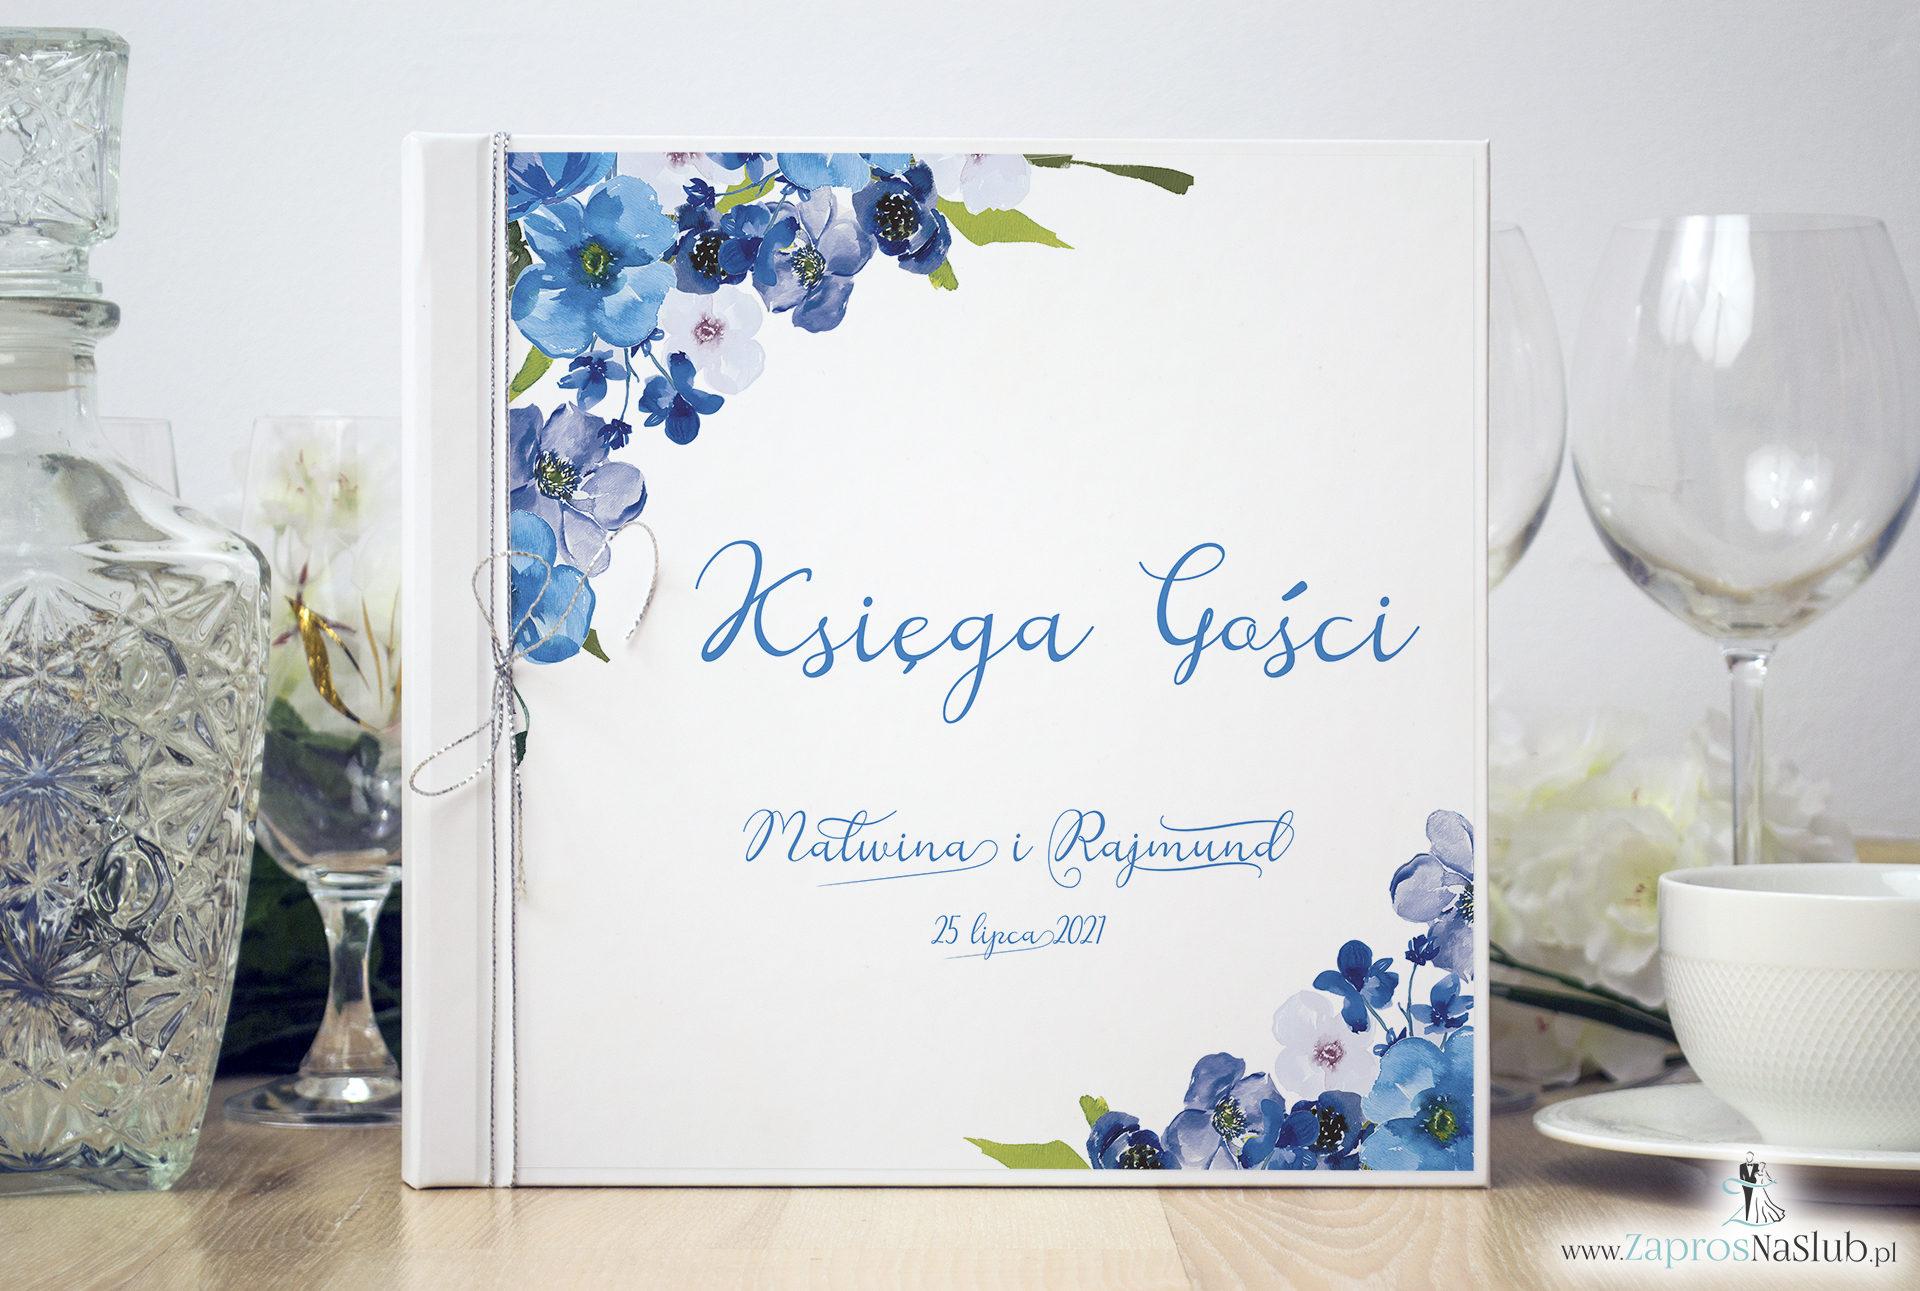 Księga gości weselnych z niebieskimi kwiatami polnymi i metalizowanym sznurkiem w kolorze srebrnym. KSG-10003